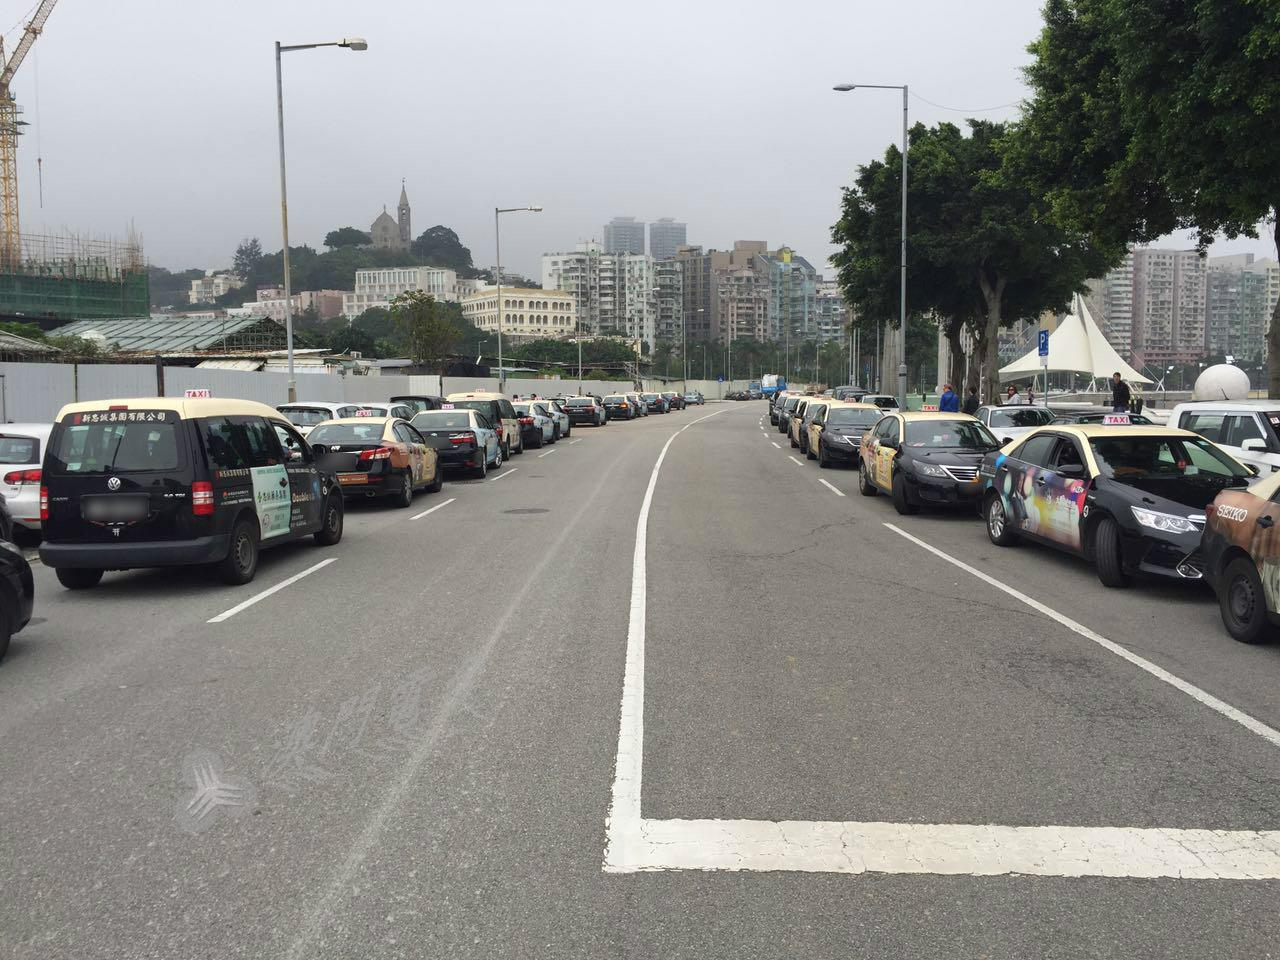 Táxis | Motoristas contra novo regulamento